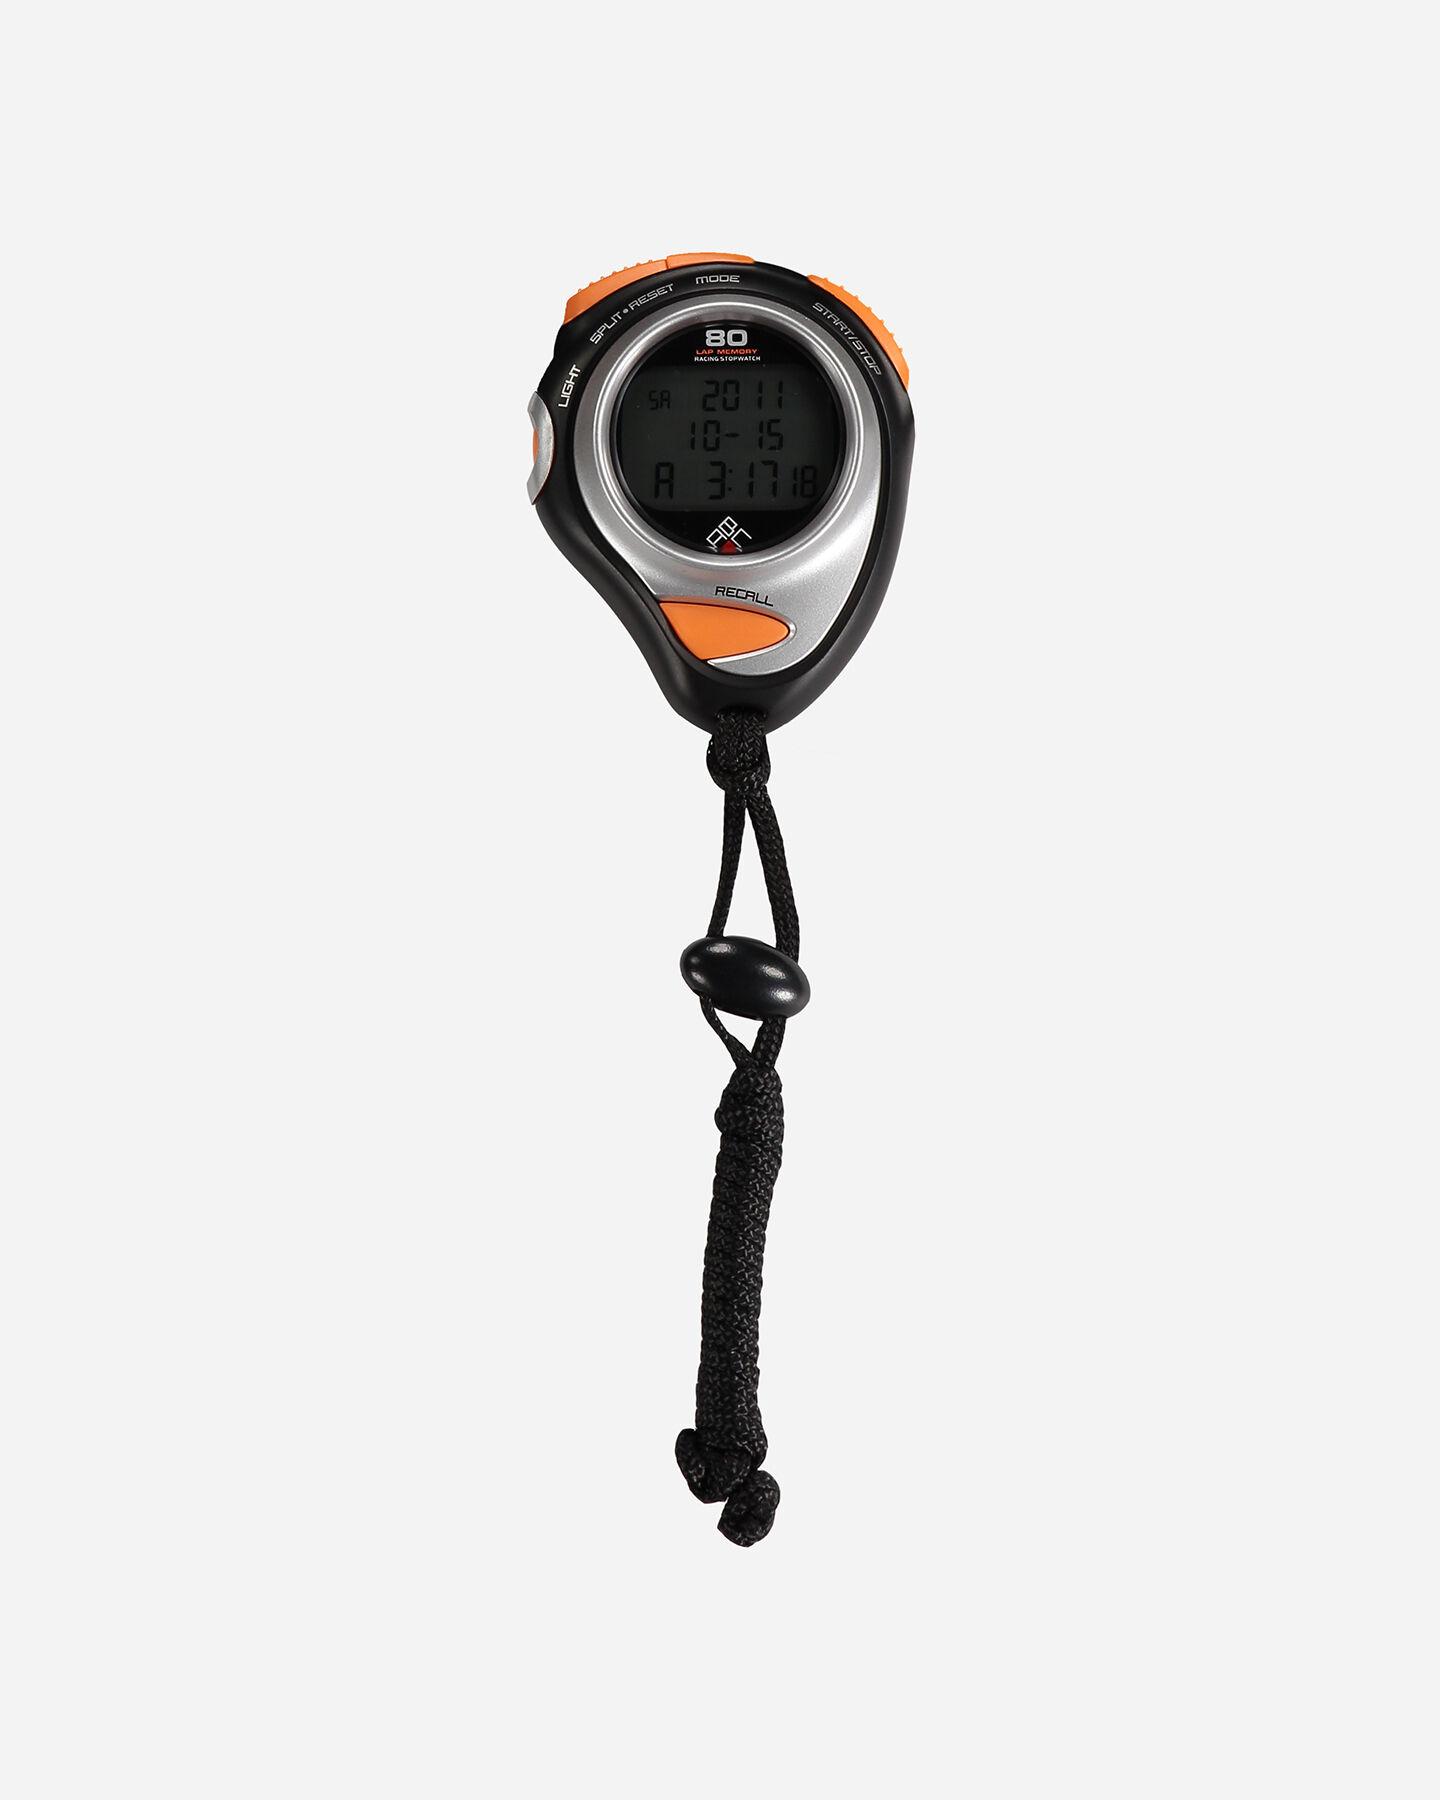 Orologio cronometro ABC CRONOMETRO DIGITALE PRO 80 LAP S4034947|1|UNI scatto 0